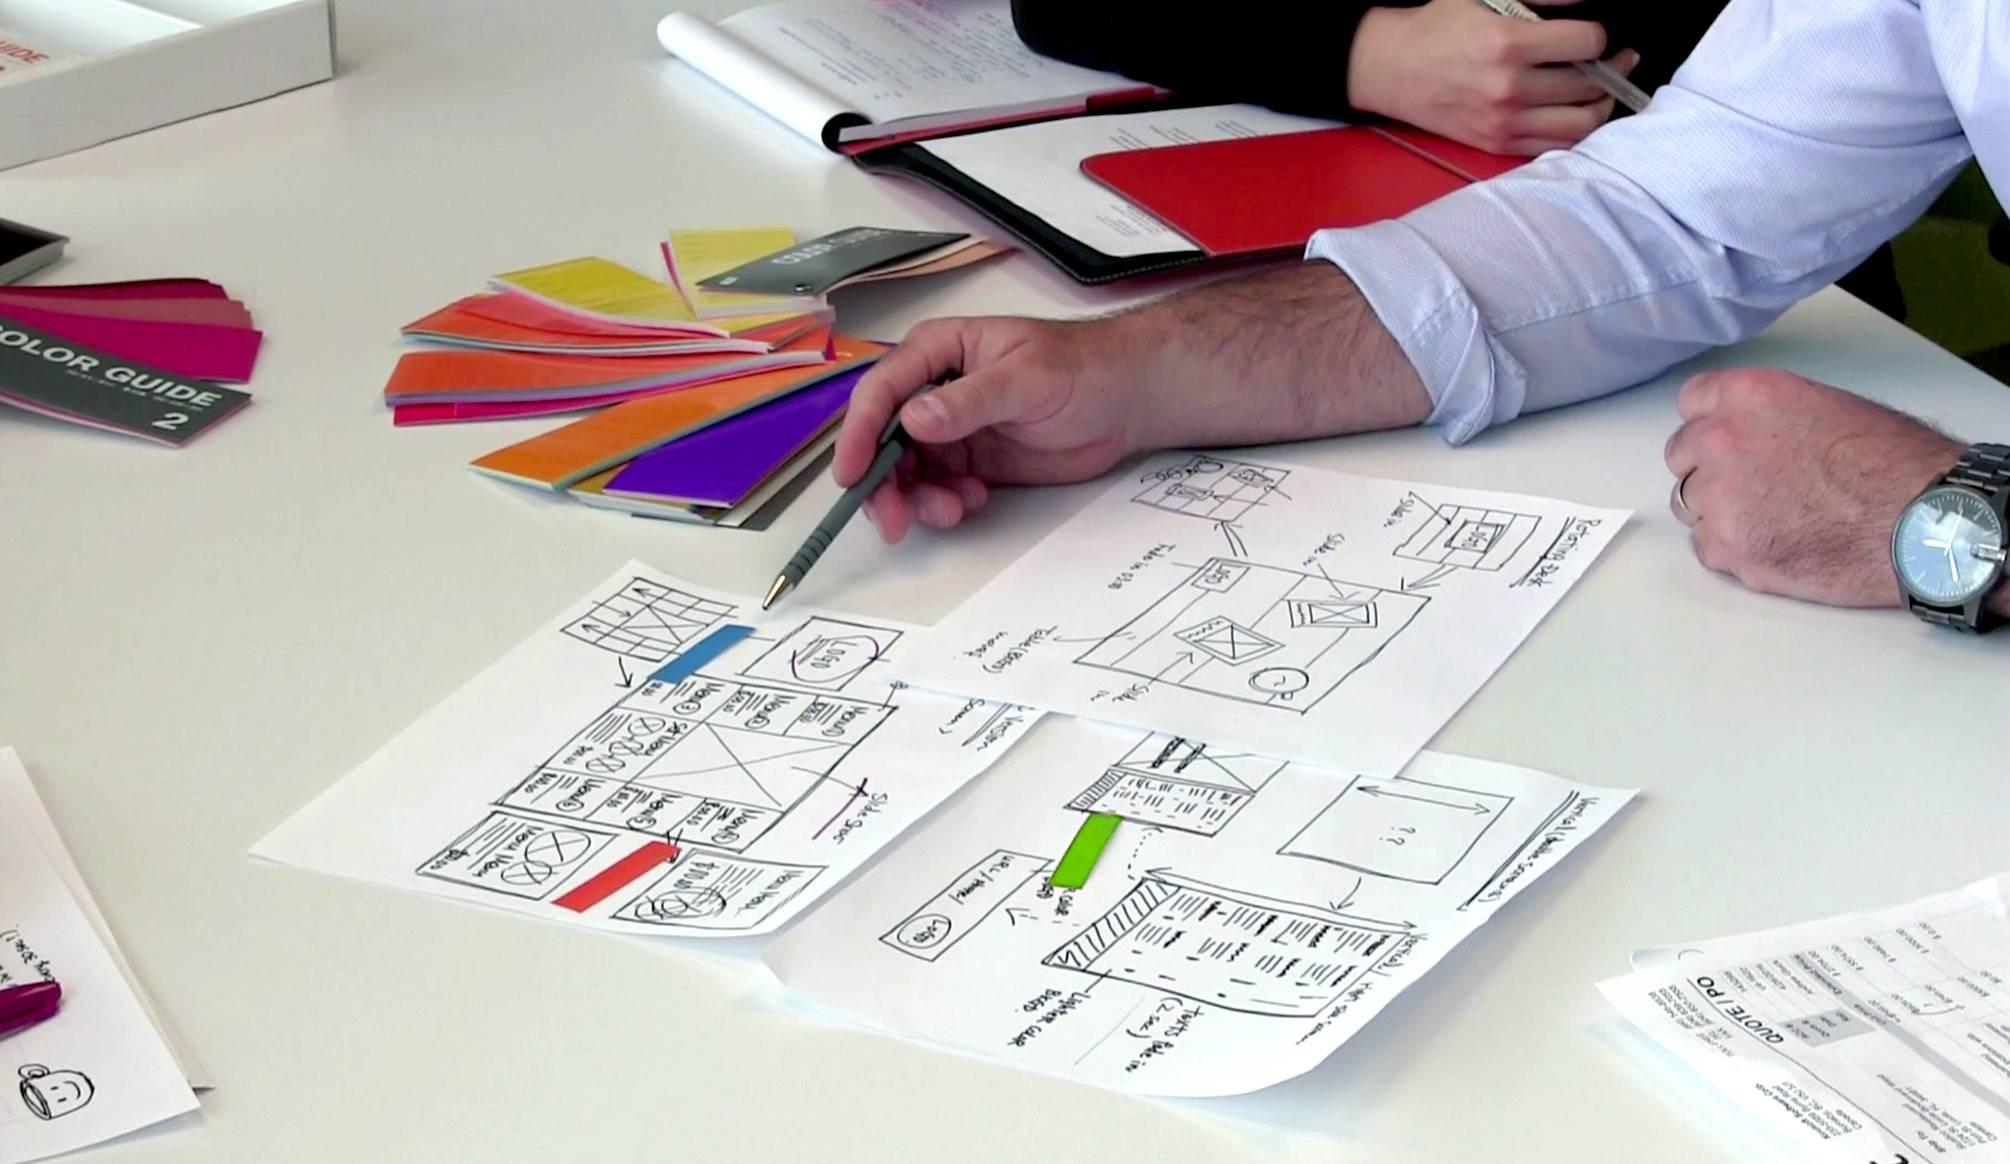 Graphic Design Services - NexSigns for the delly digital menu boards - conceptualization